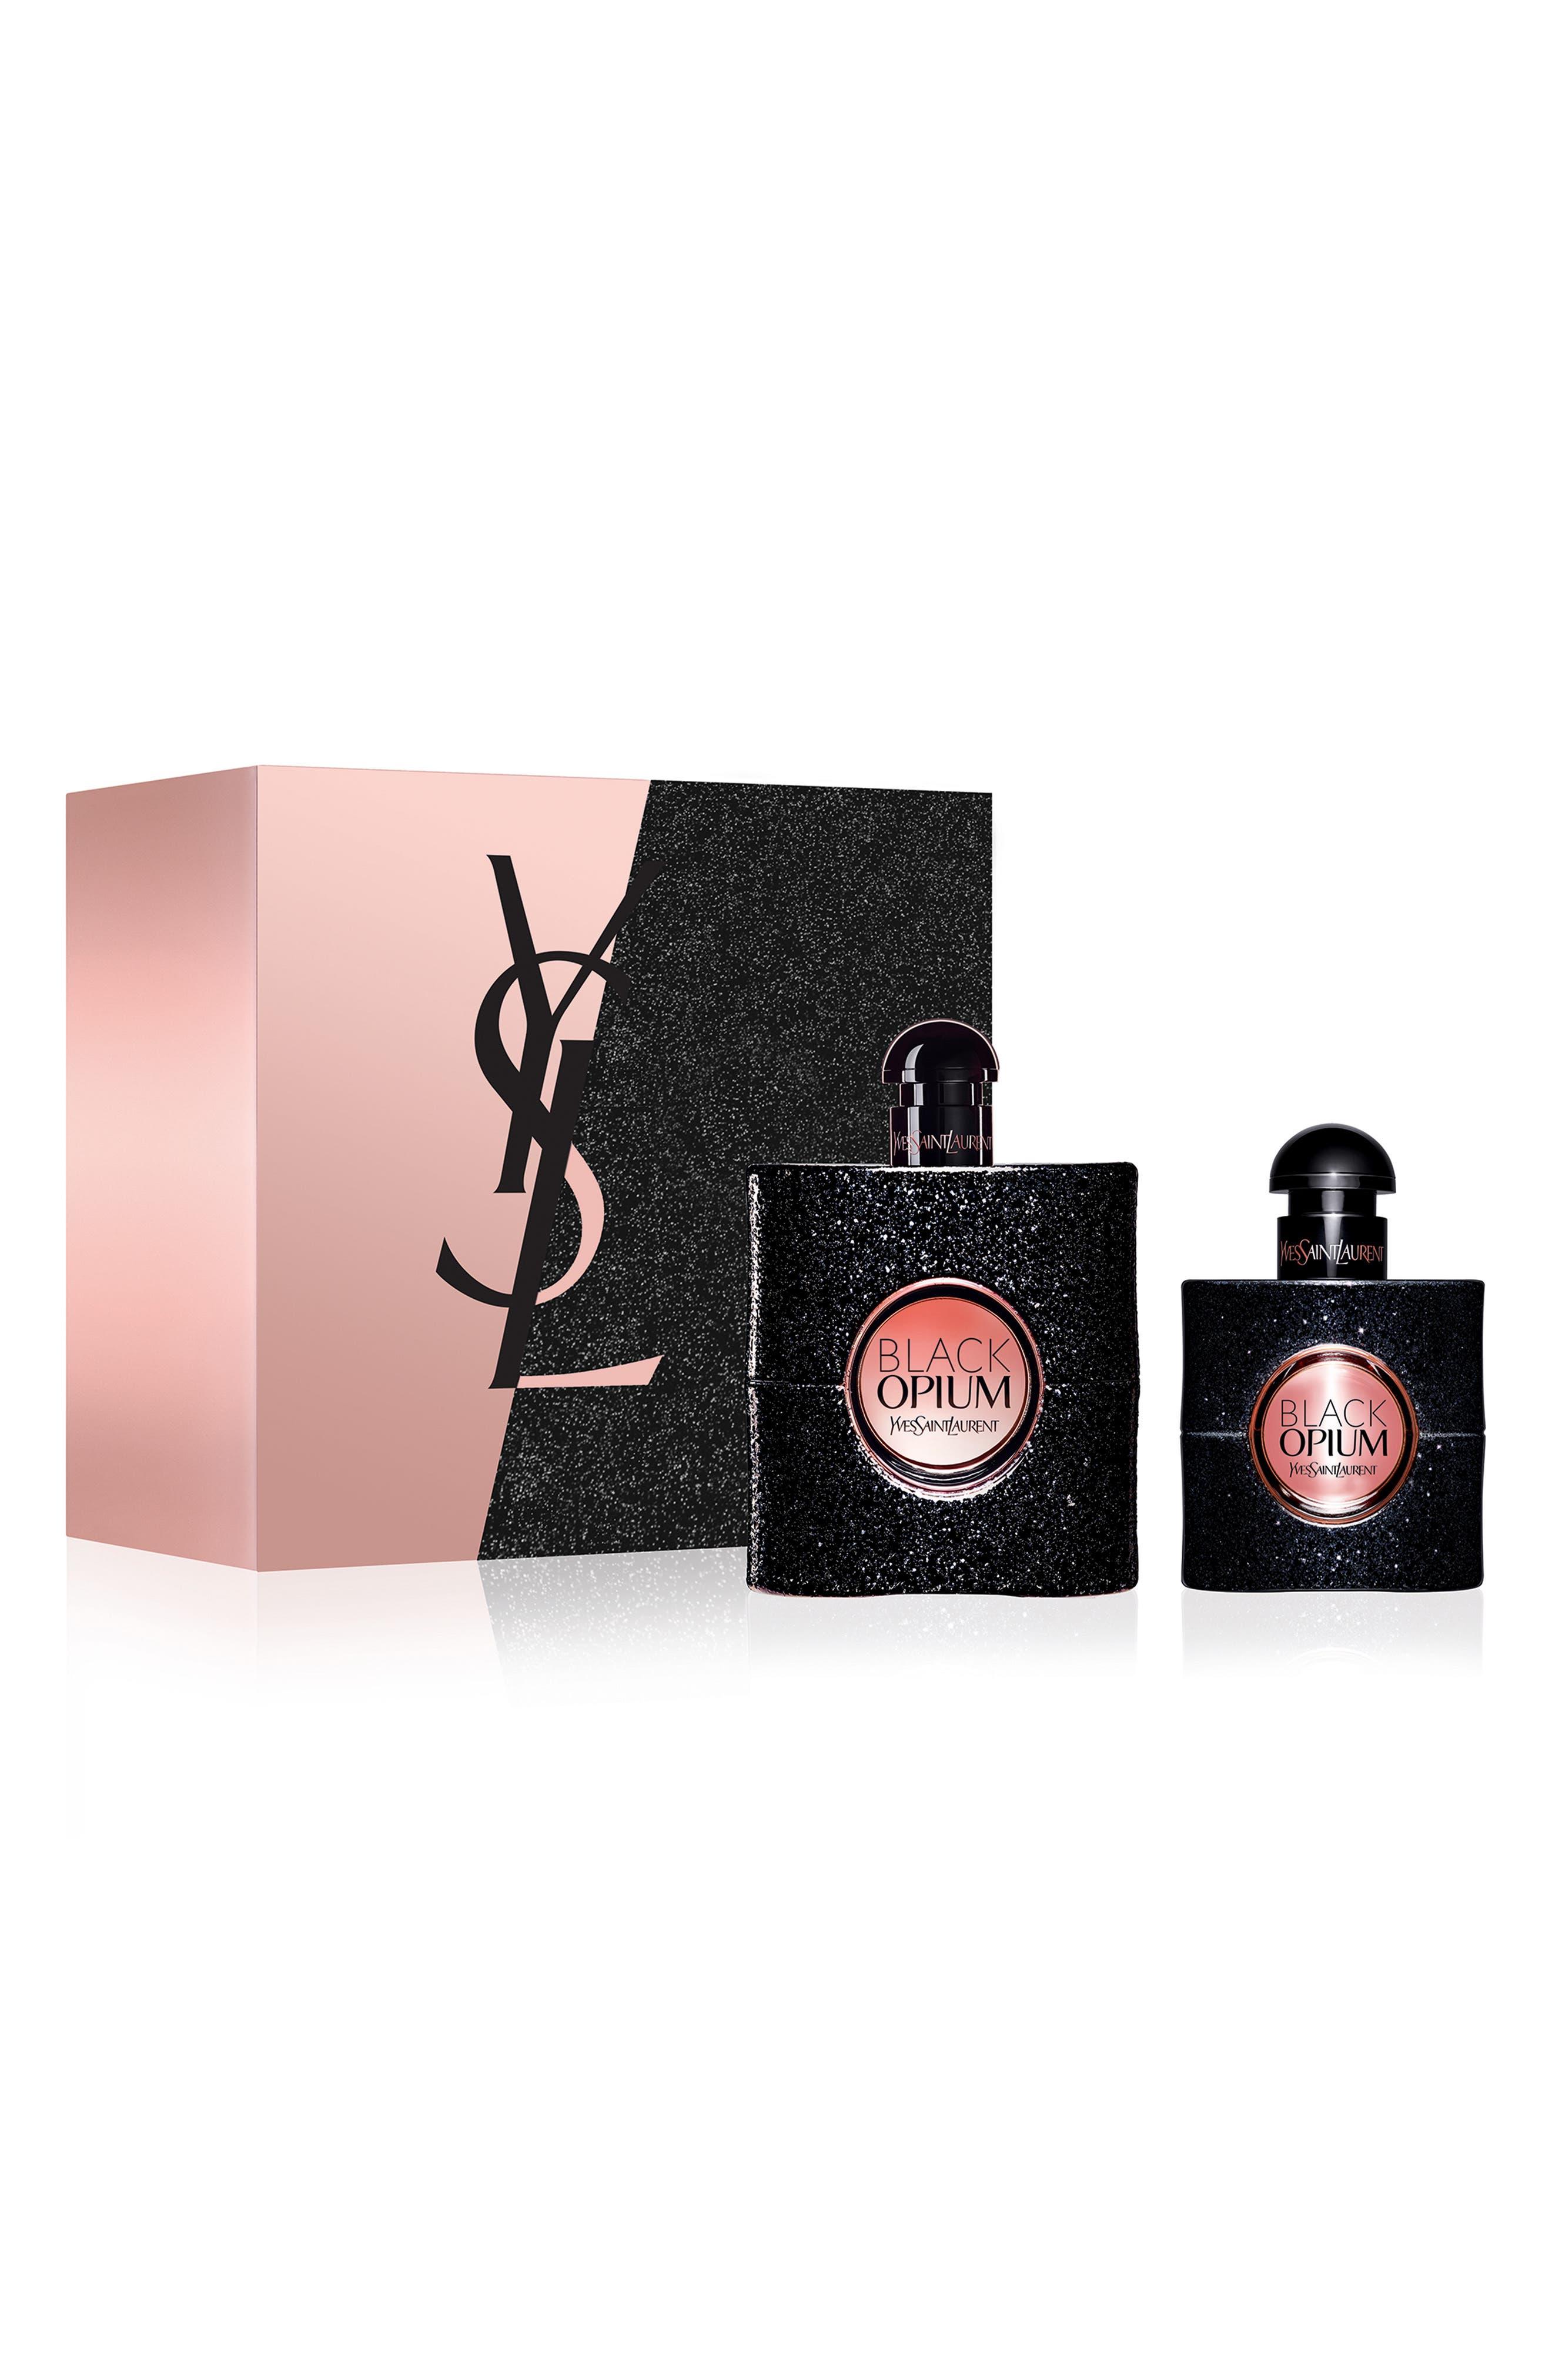 Yves Saint Laurent Black Opium Eau de Parfum Set ($187 Value)